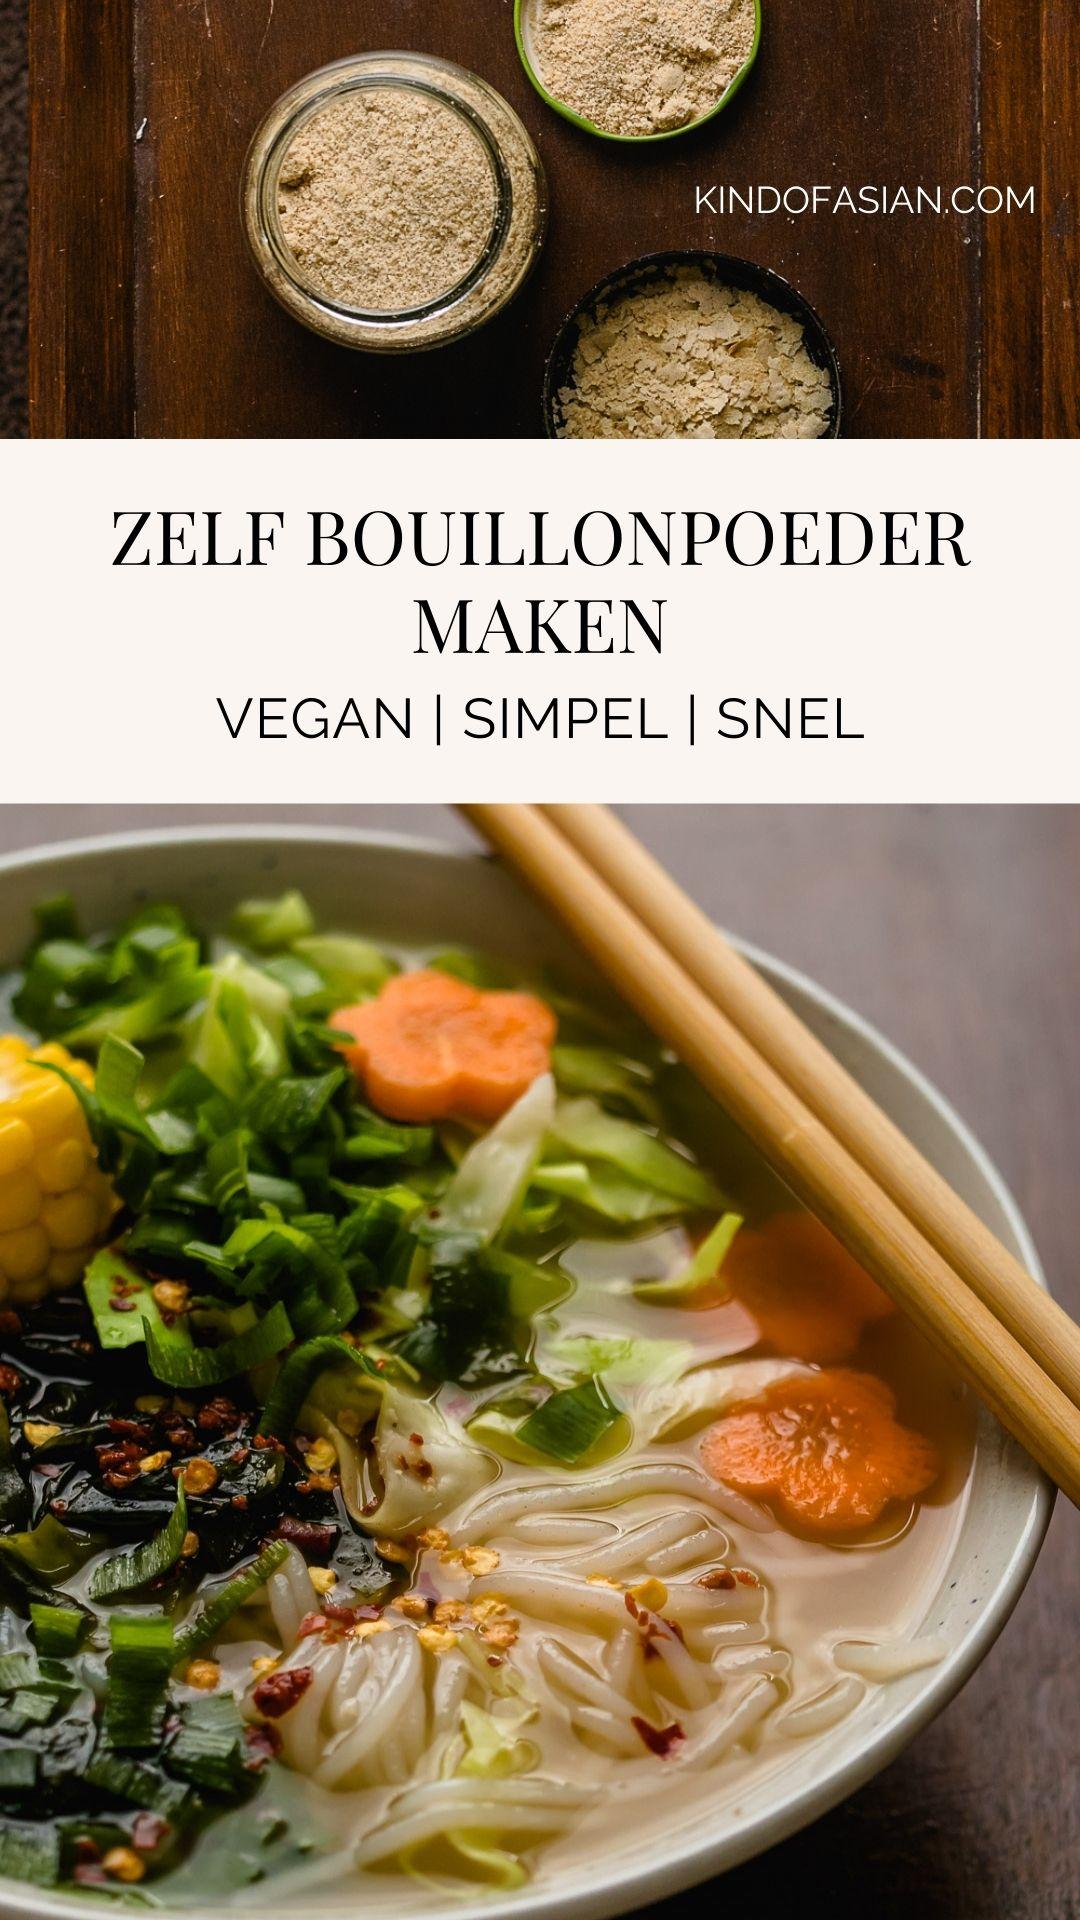 Met een paar droge ingrediënten maak je zelf een vegan bouillonpoeder voor een Aziatische drinkbouillon of een (bijna) instant noedelsoep. Vegan en vegetarische Aziatische recepten..